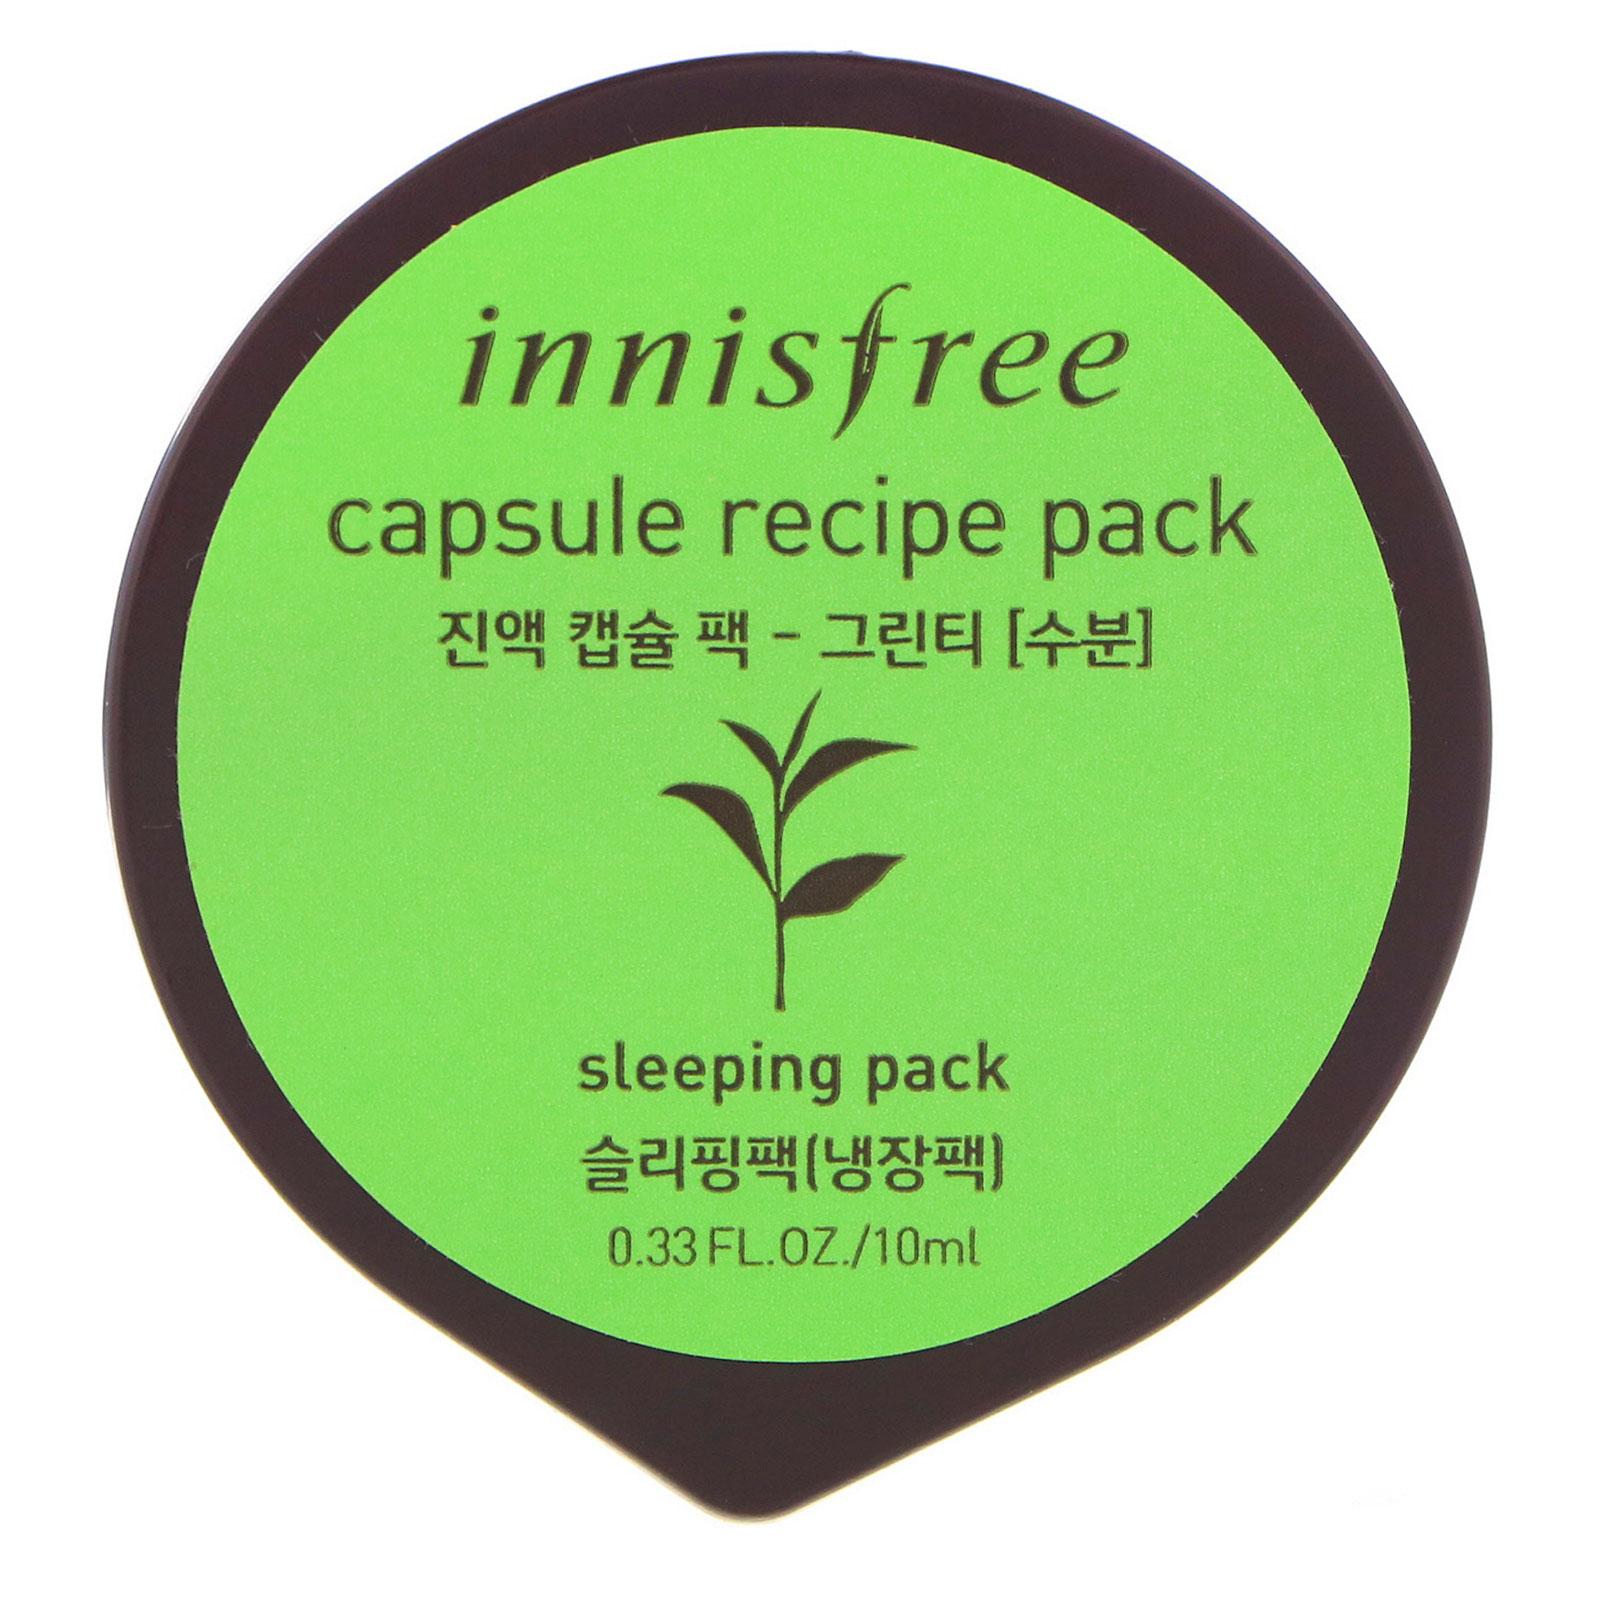 Innisfree Capsule Recipe Pack Green Tea 033 Fl Oz 10 Ml Sleeping